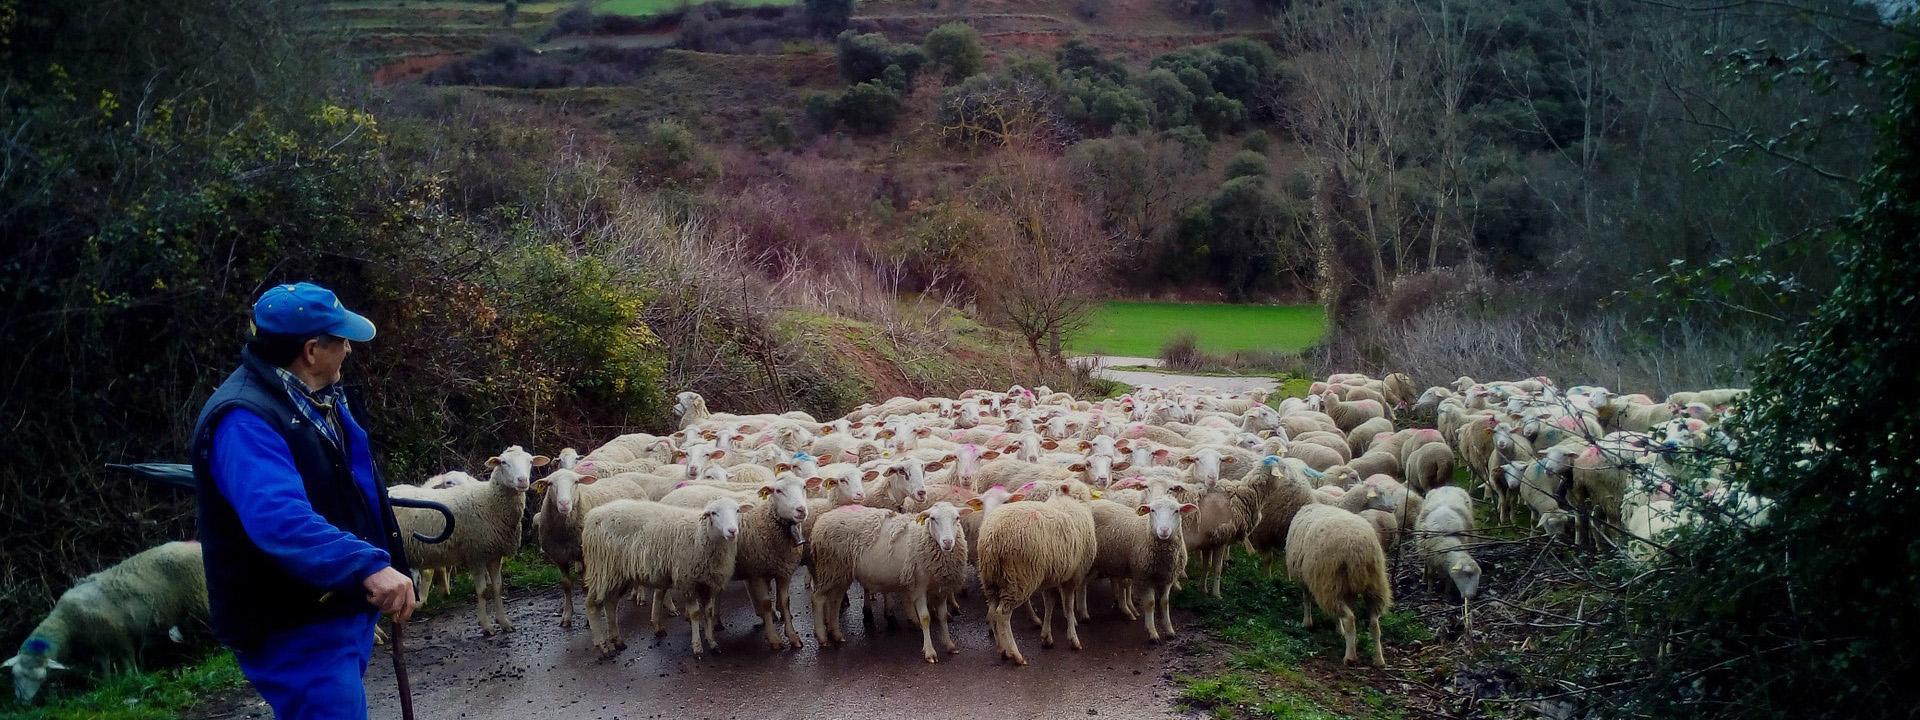 Agricultores y ganaderos locales